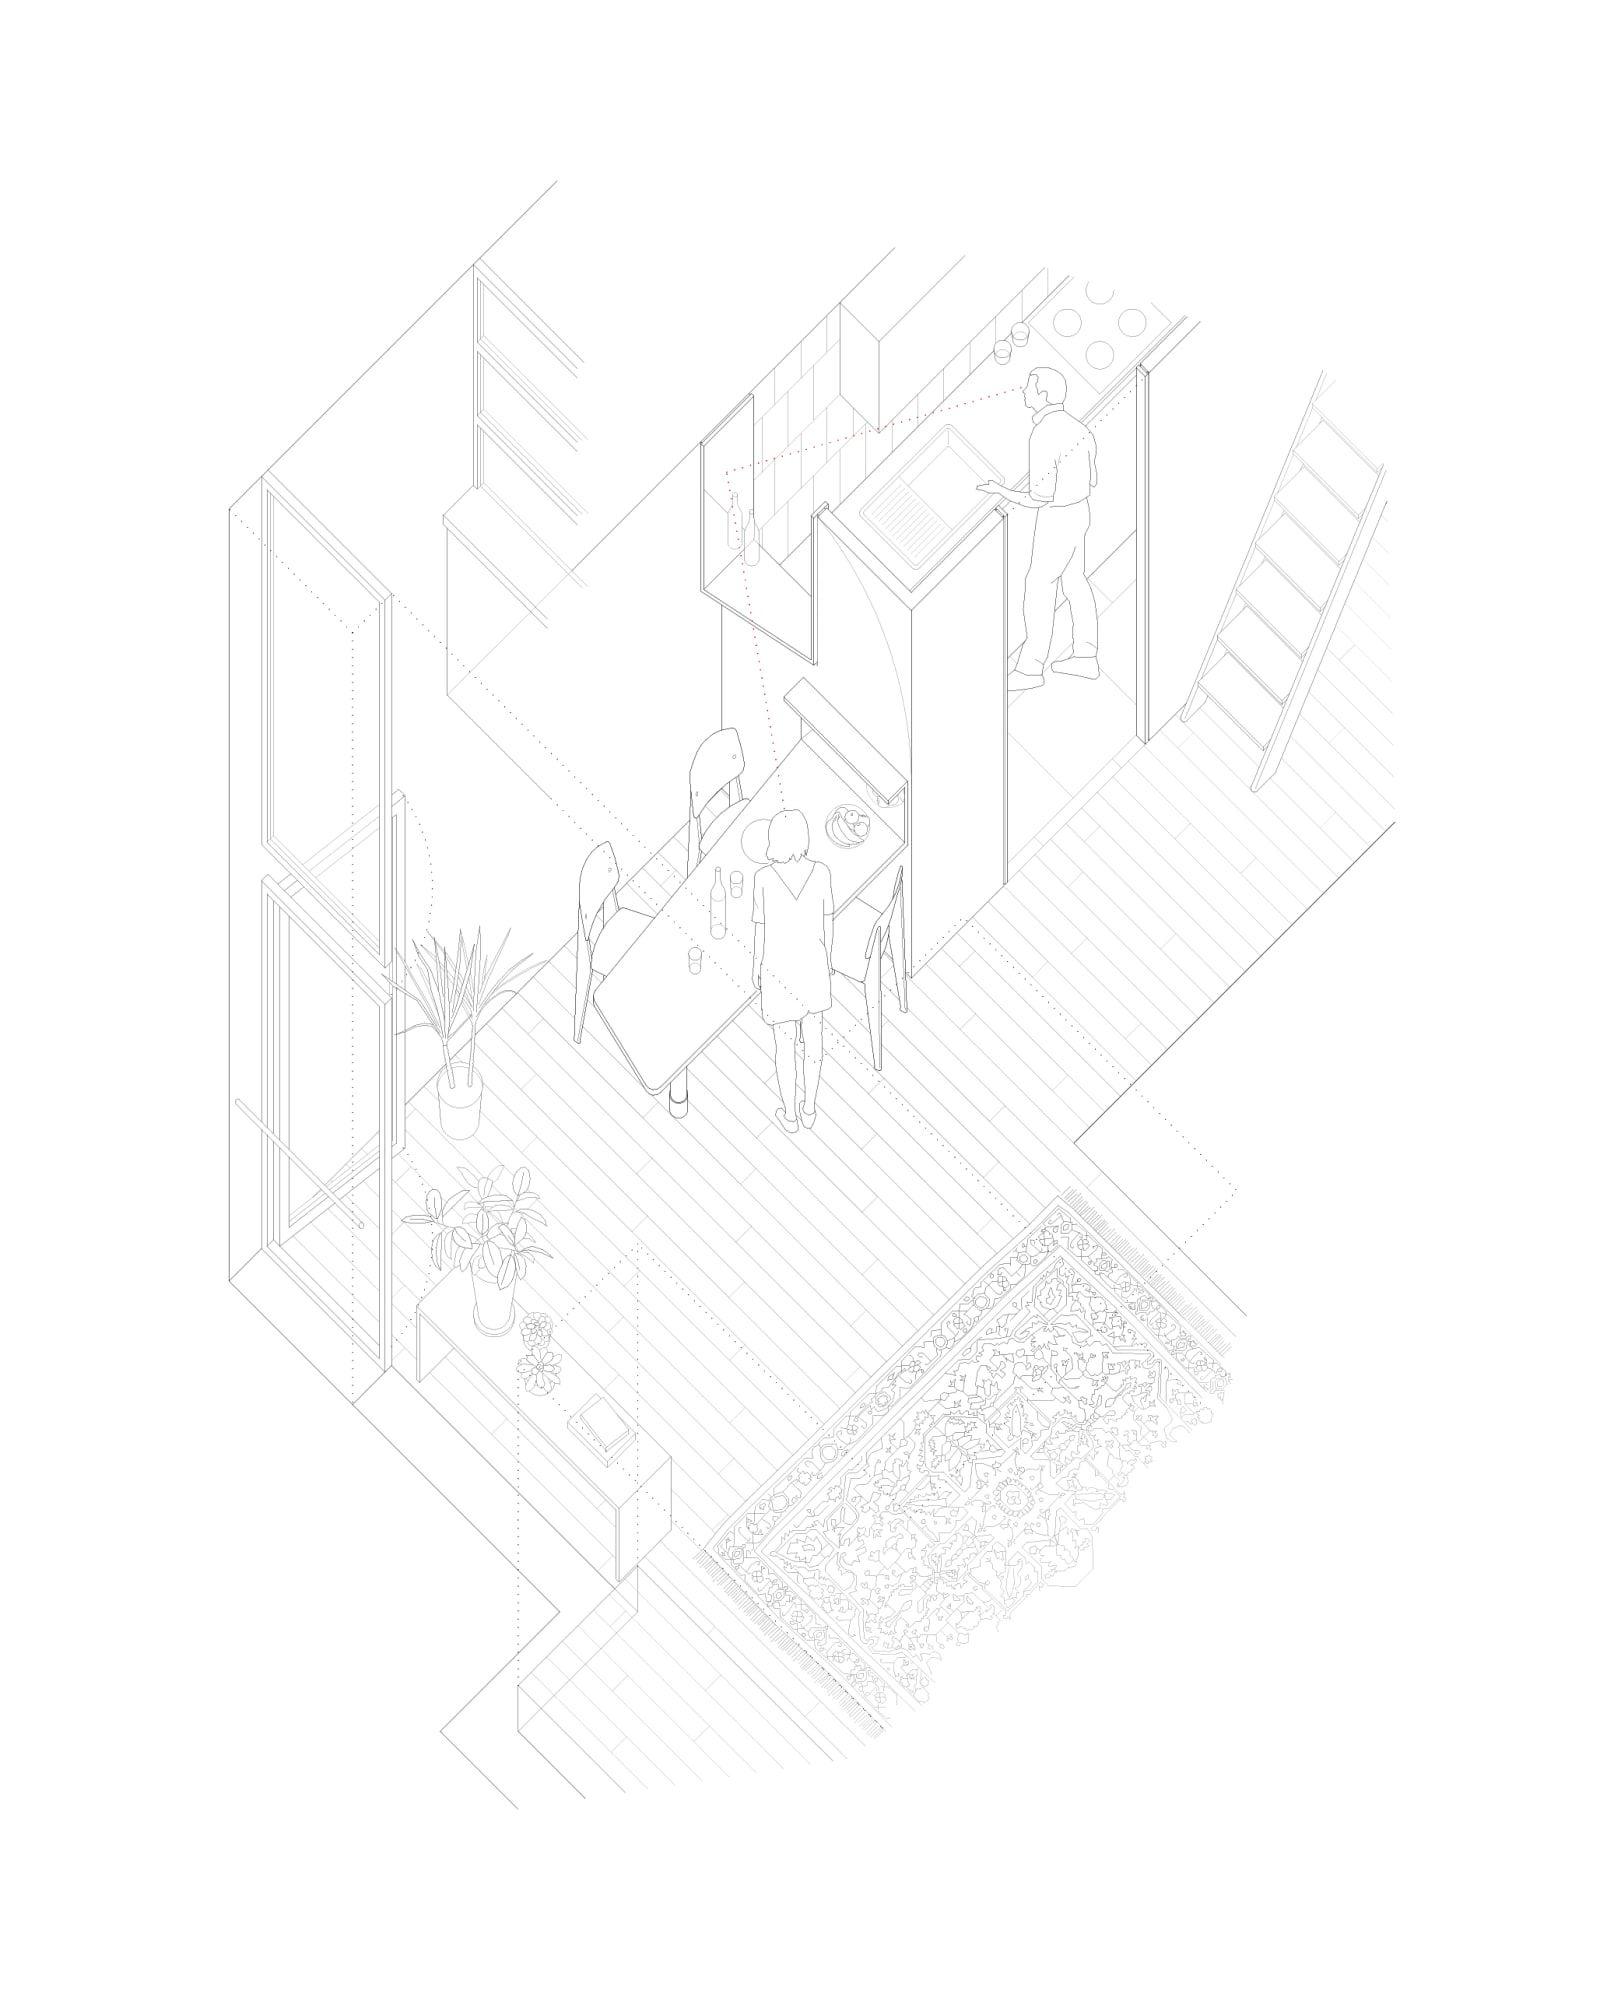 Bonell Doriga Madrazo Architecture Graphics Architecture Drawing Architecture Design